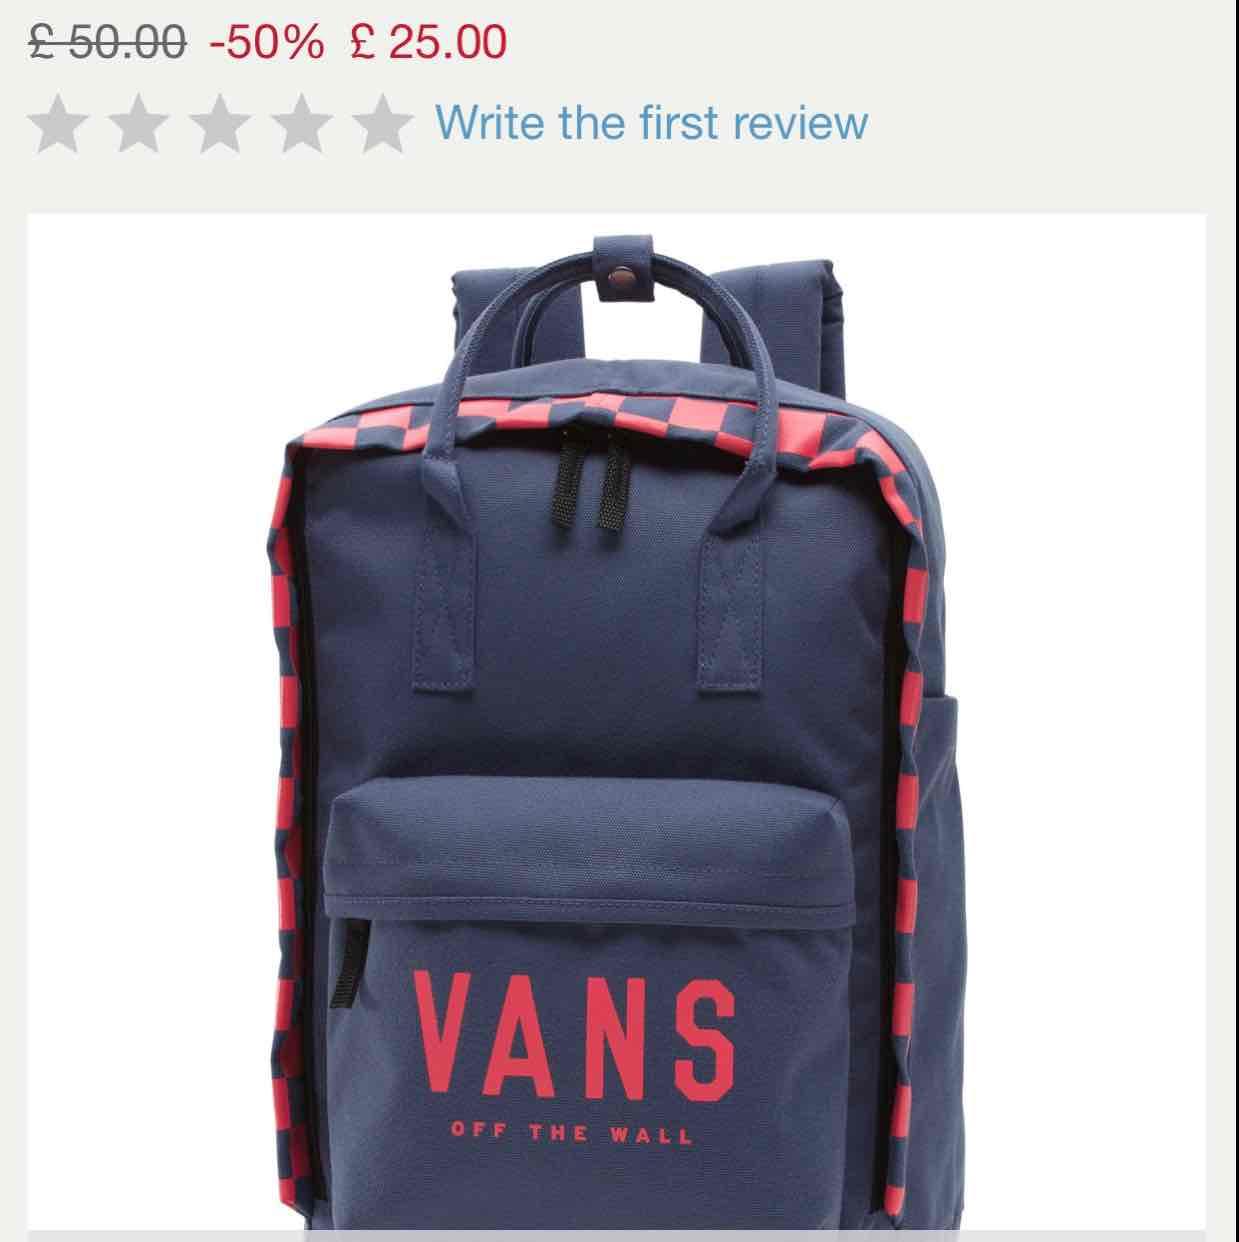 Vans 50% Sale